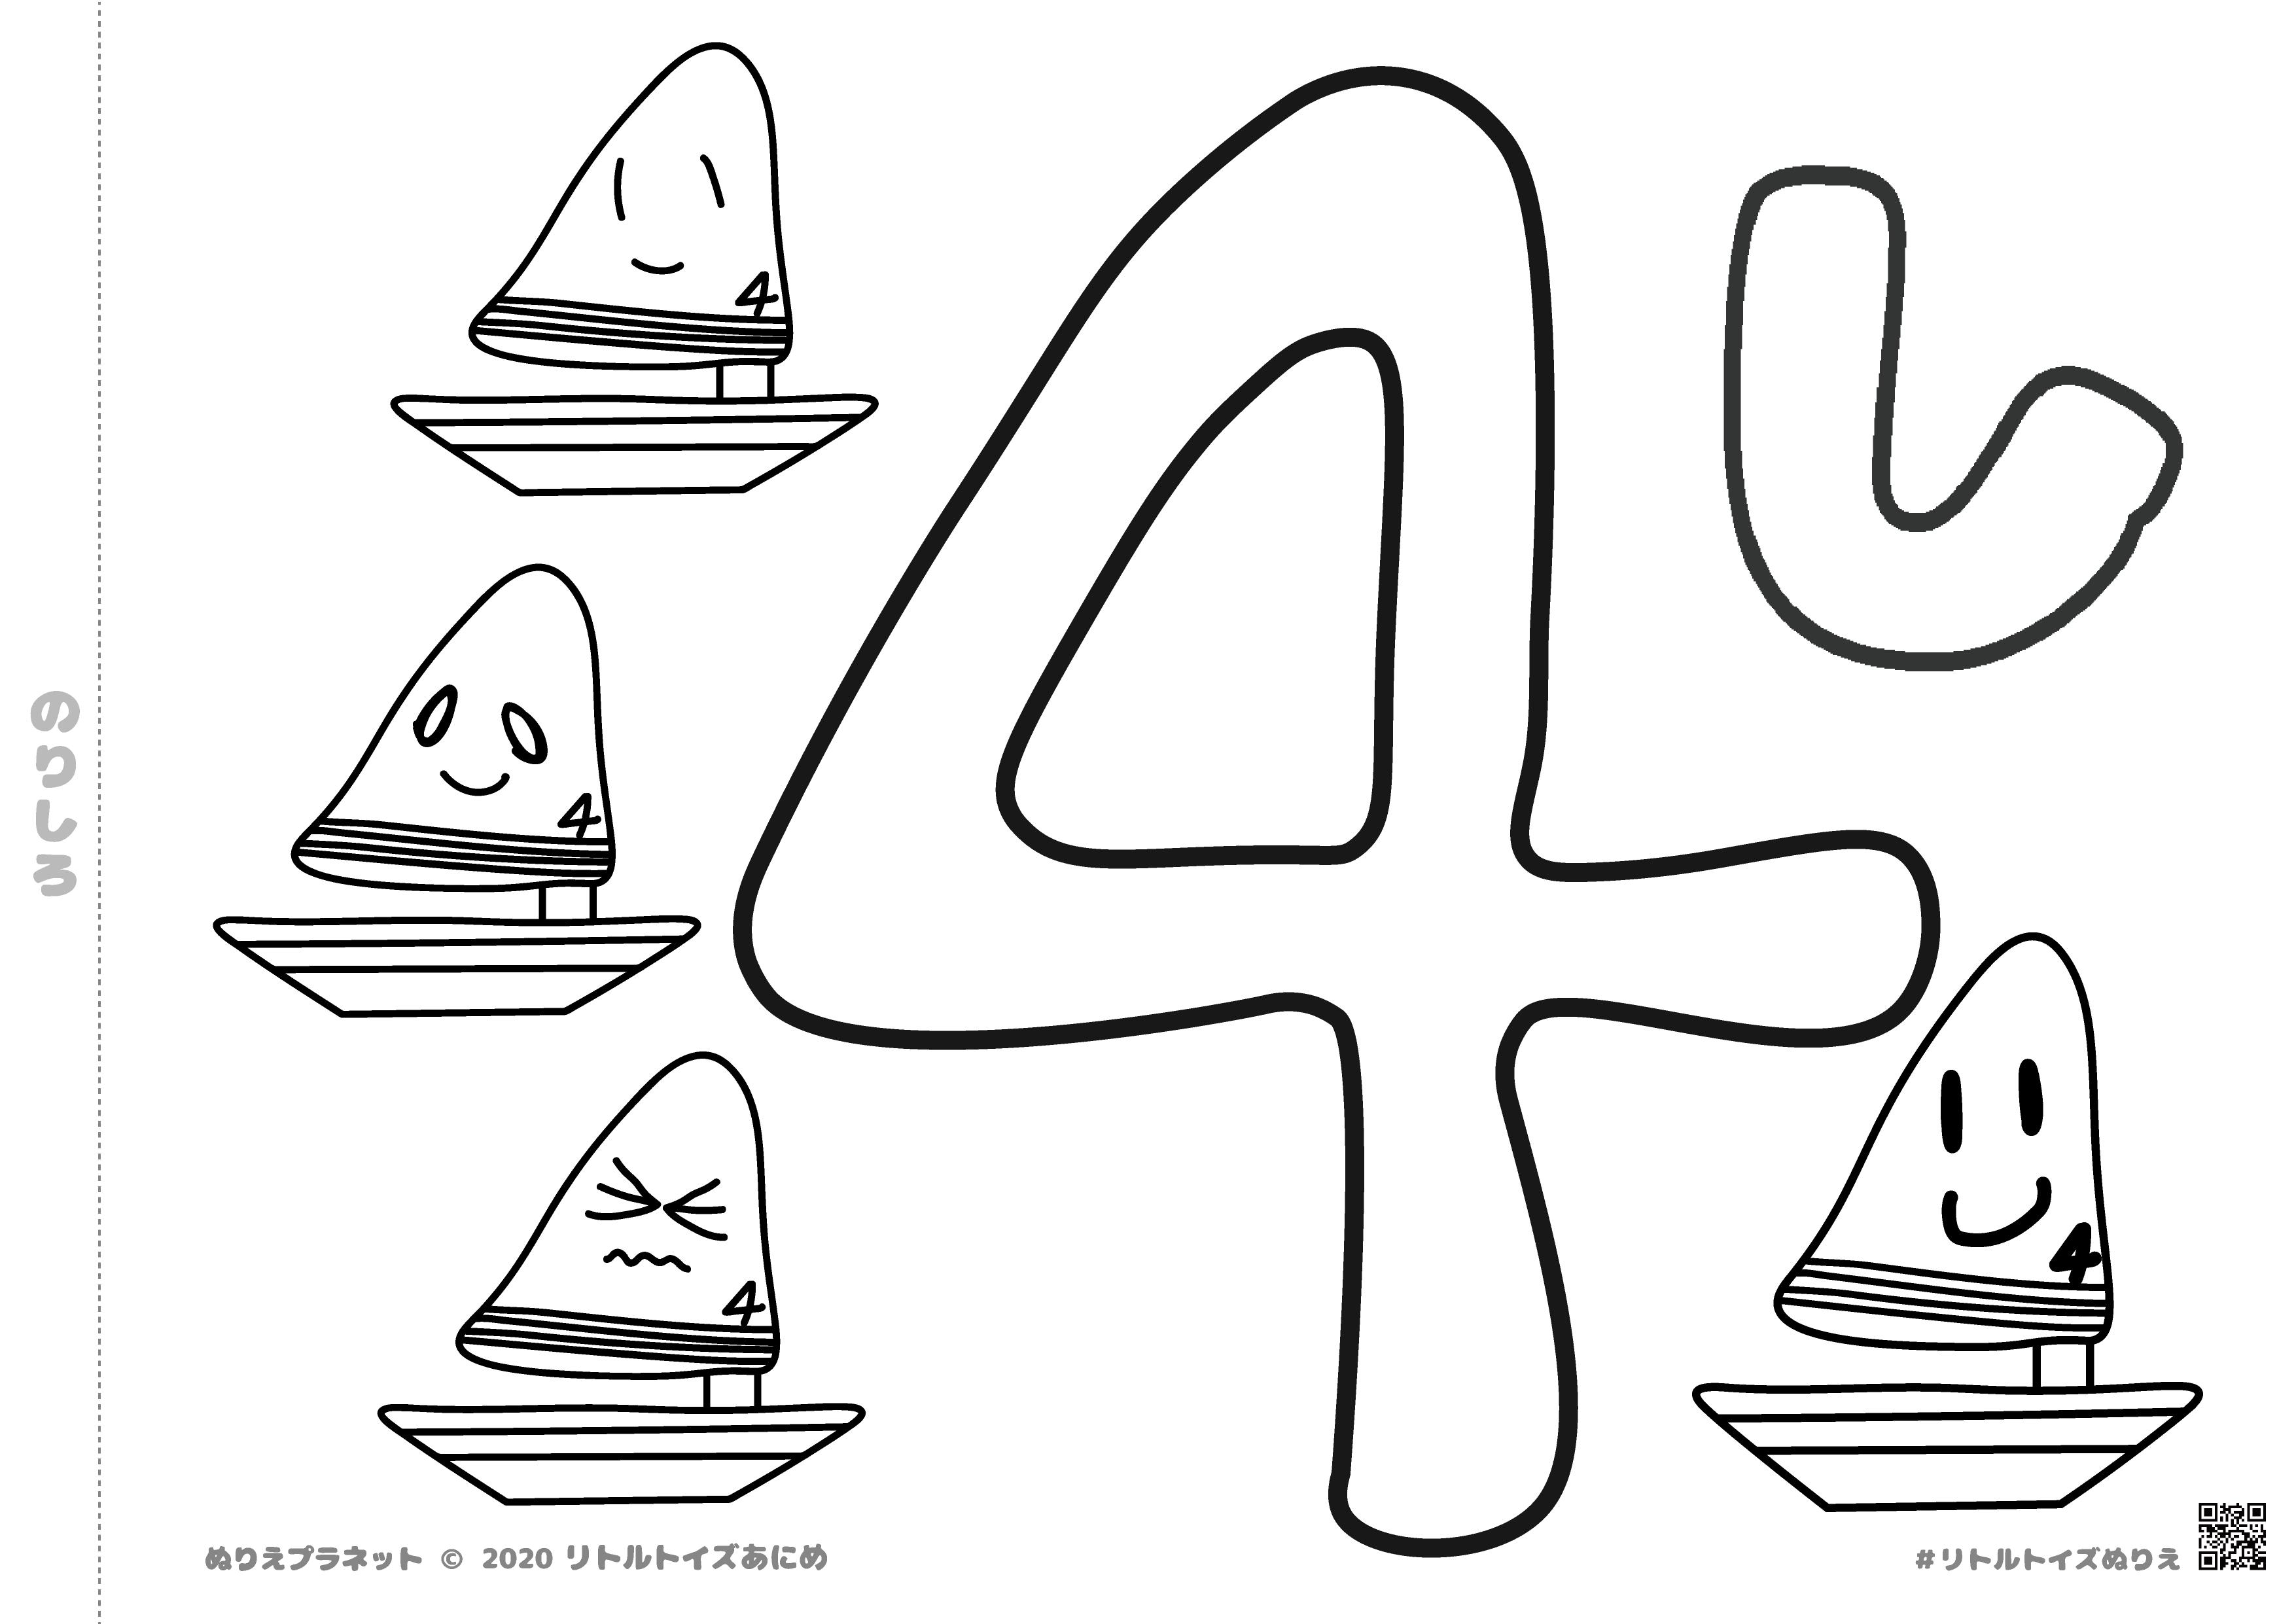 ヨットが4艇の塗り絵です。